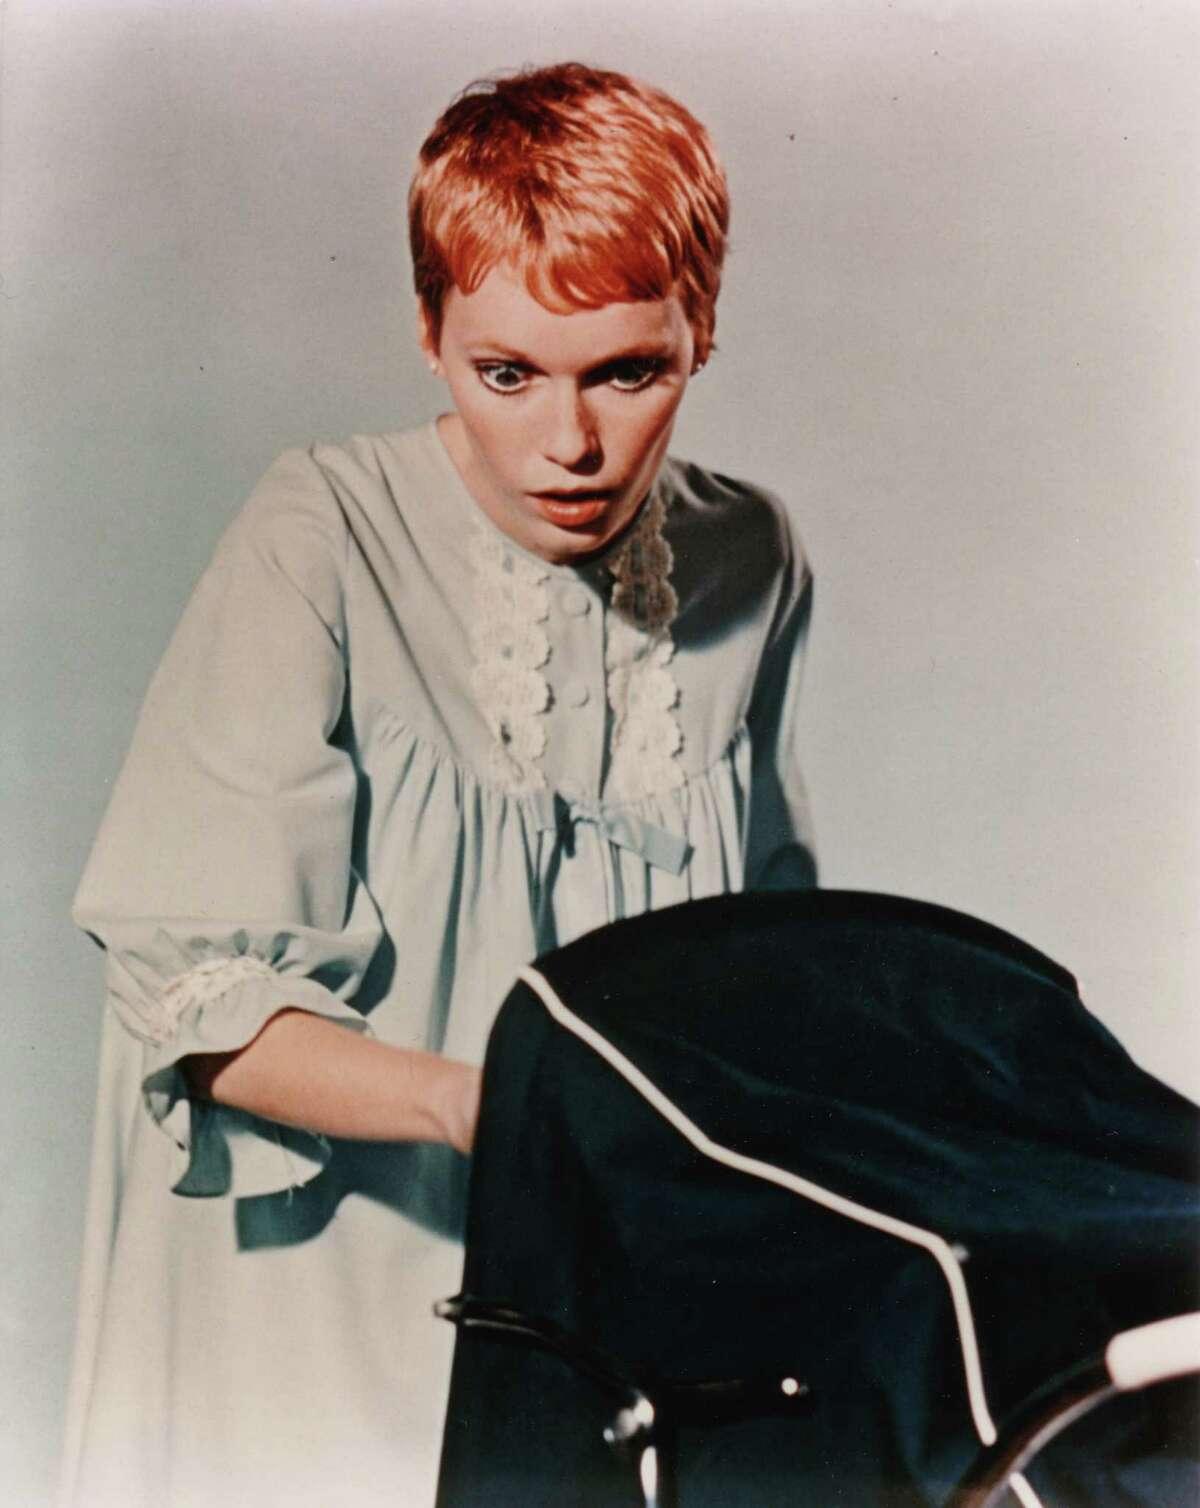 Rosemary's Baby - Mia Farrow. Angelika films